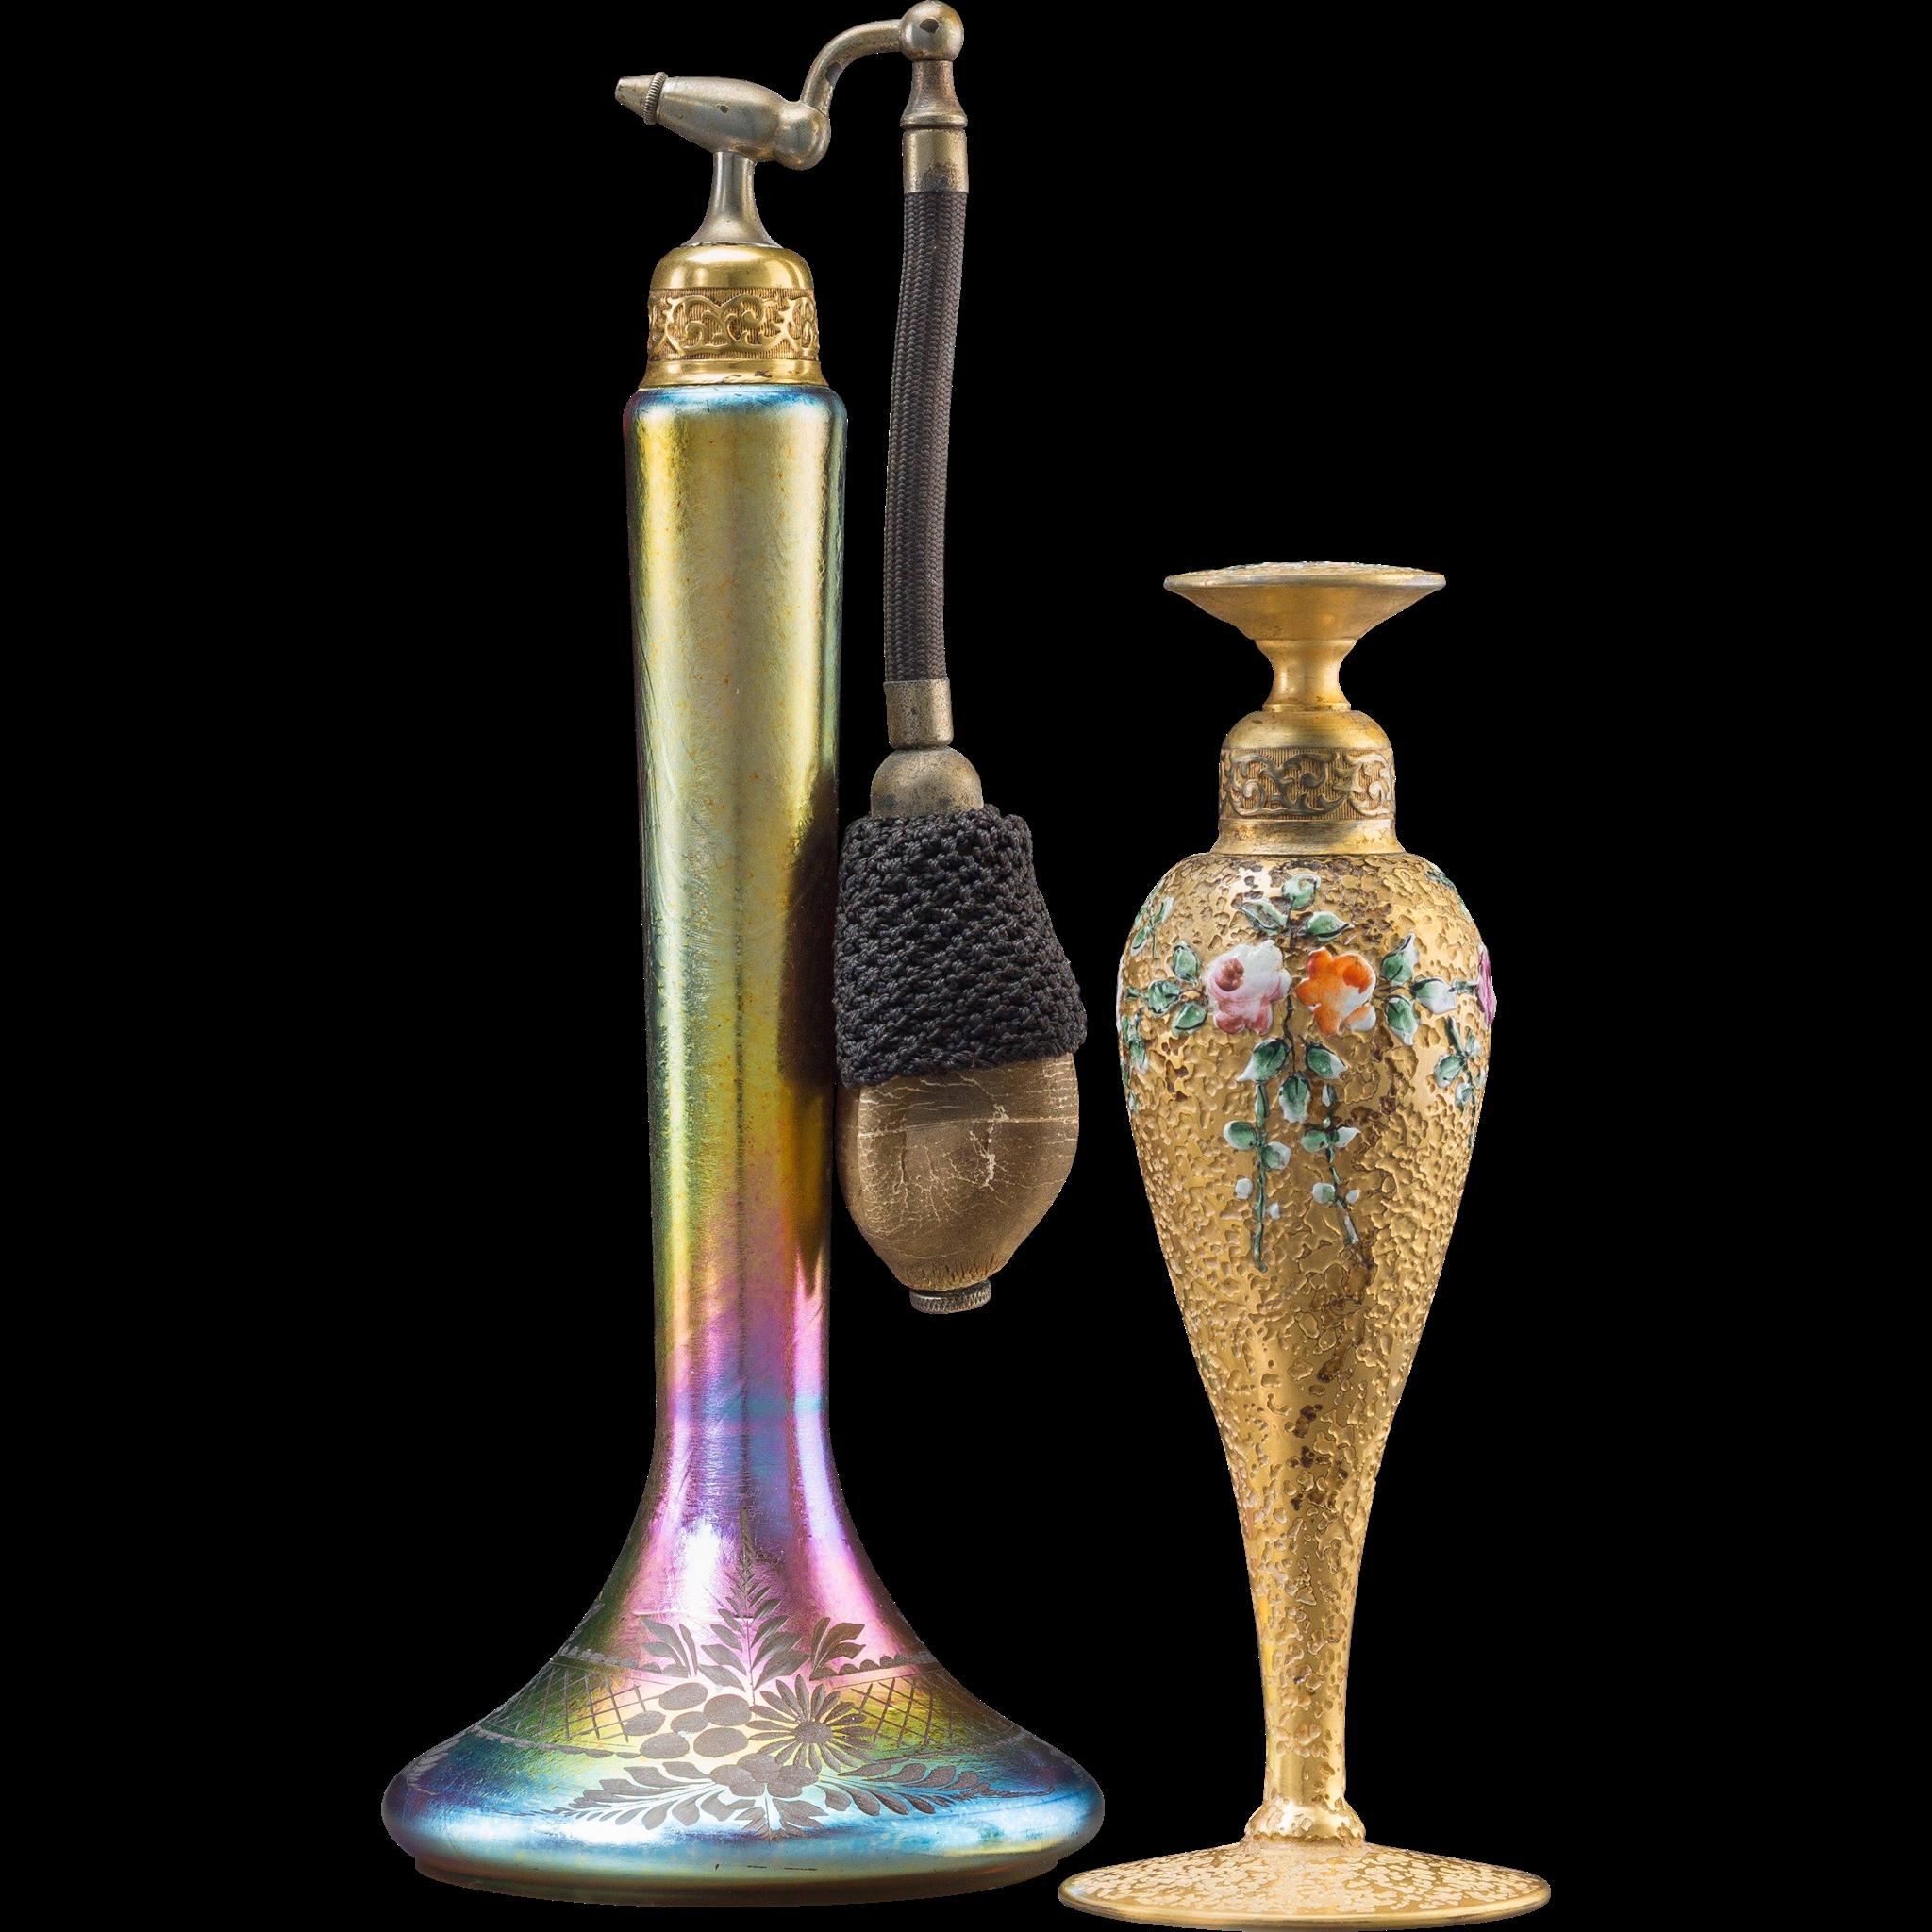 DE VILBISS -  TWO Gilt Bronze, Enamel and Iridescent Glass Perfume Bottles